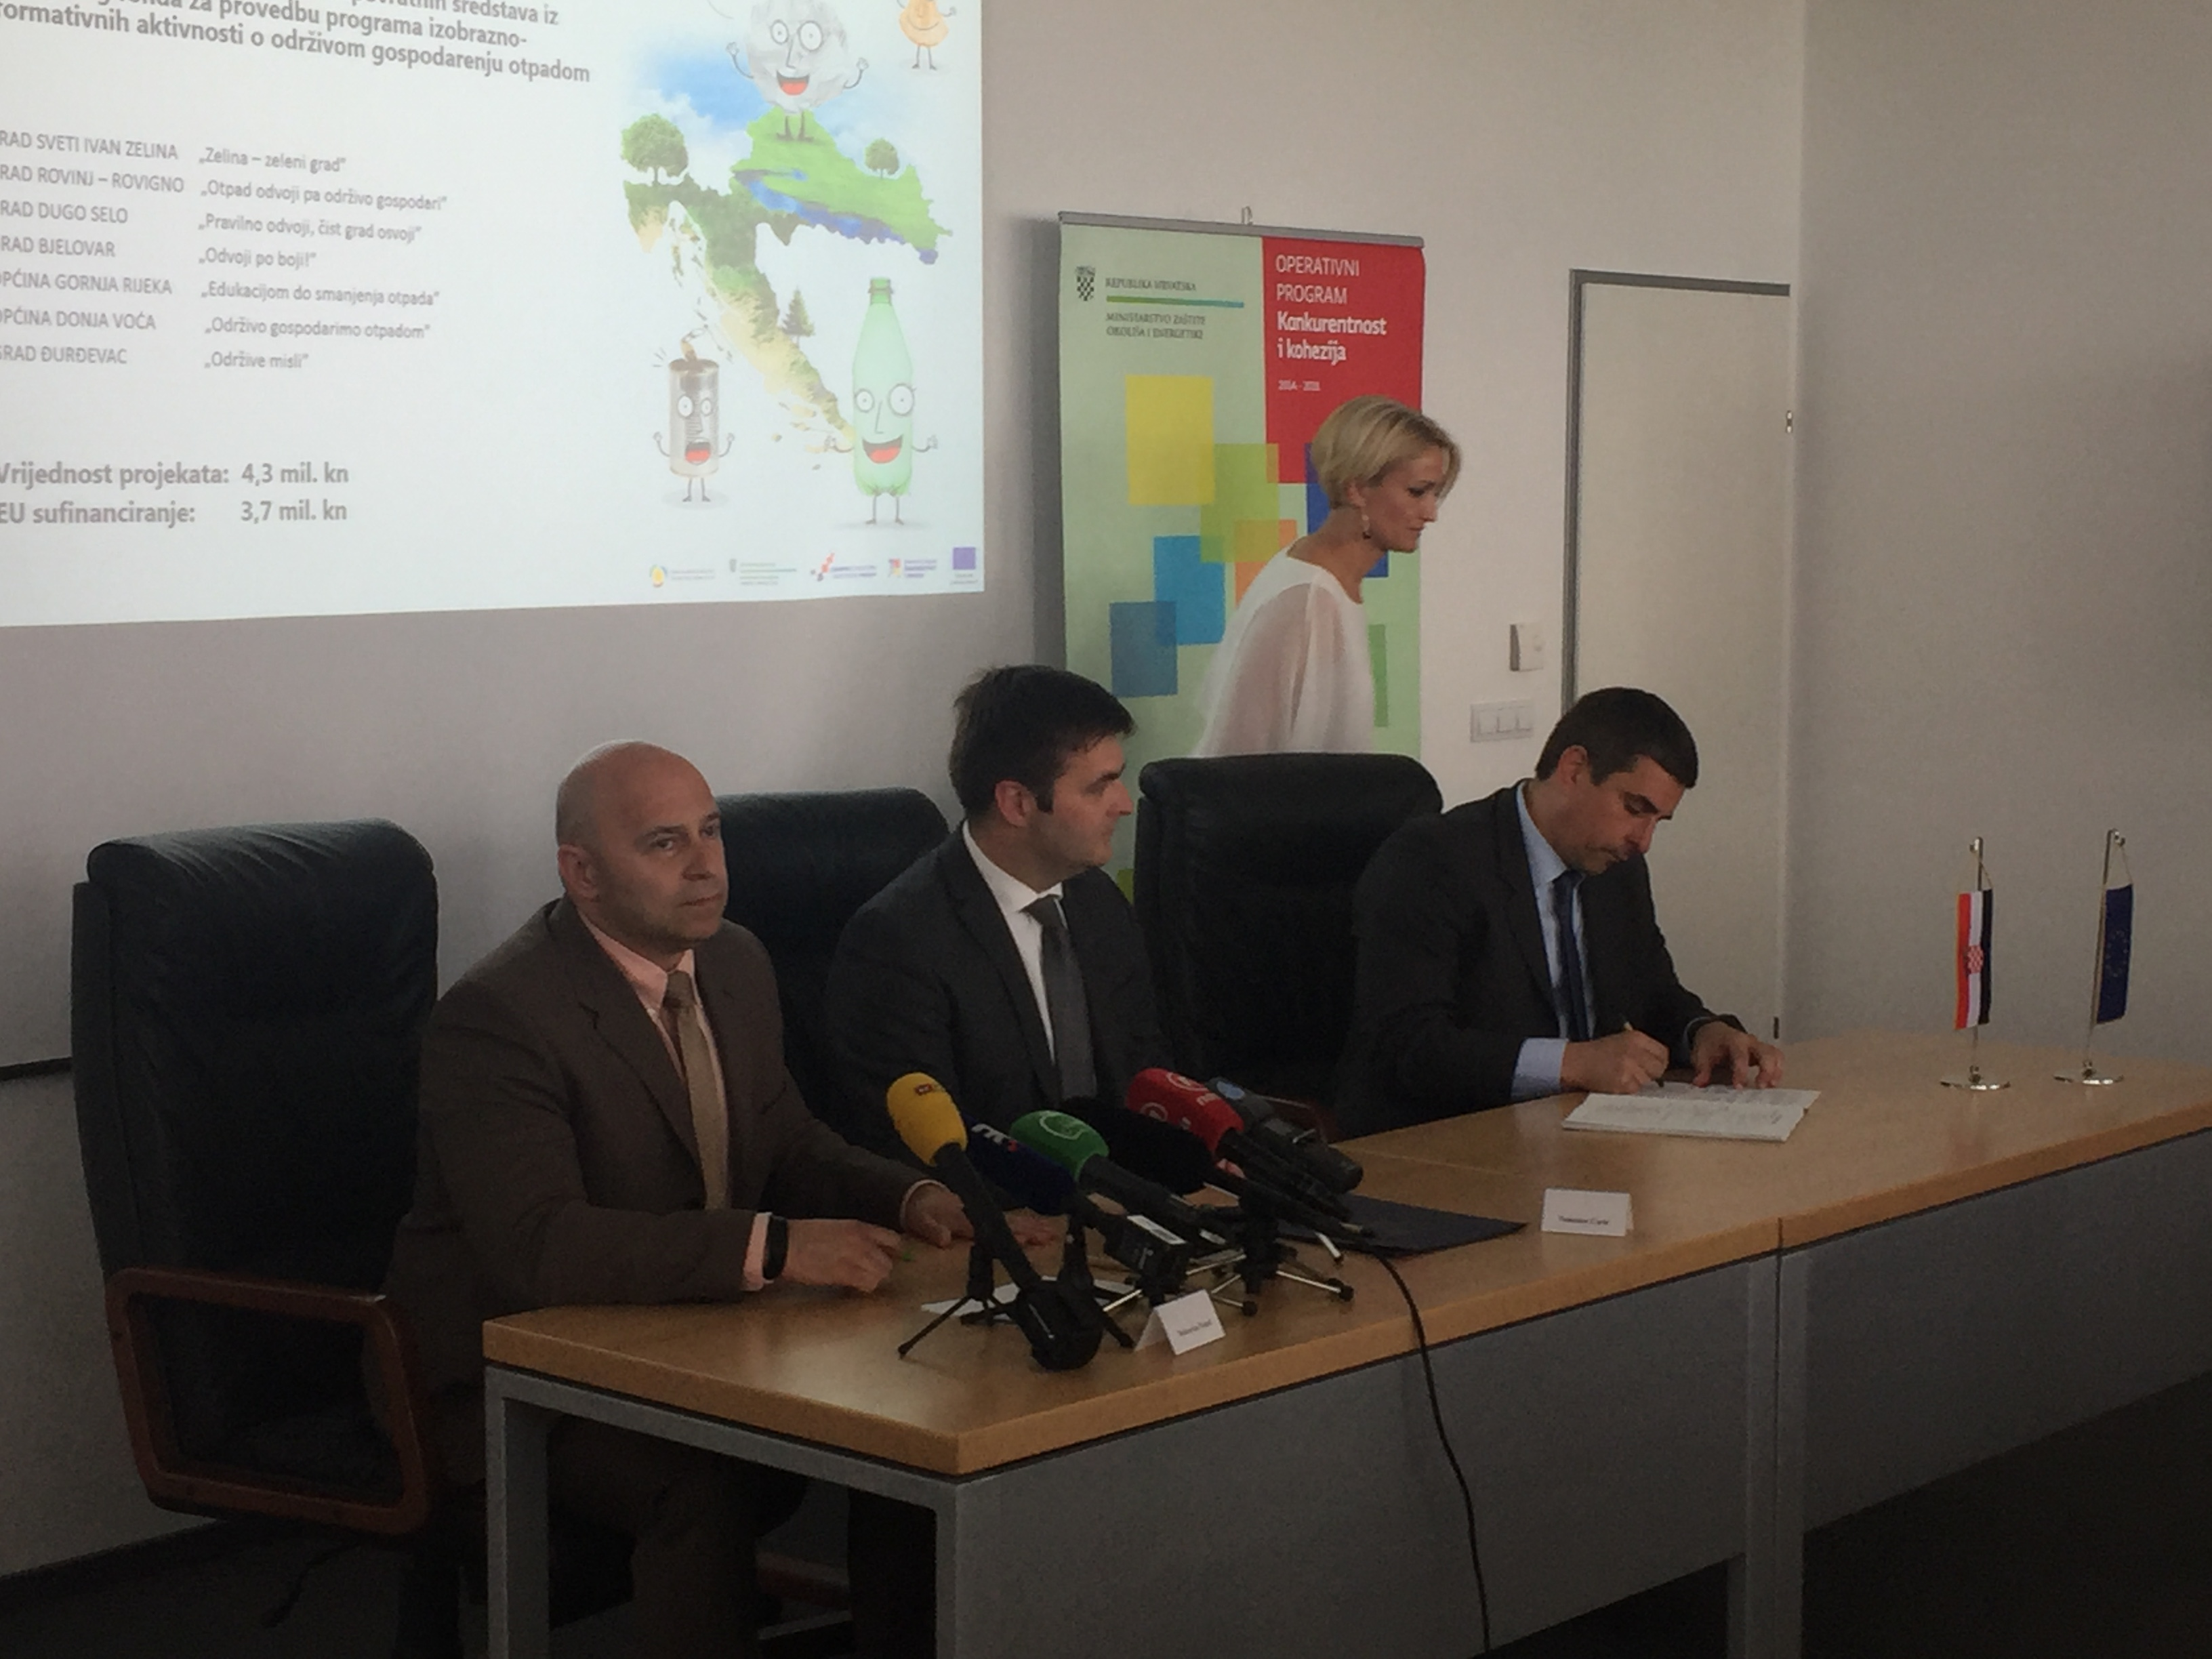 """Firmato solennemente il Contratto di assegnazione dei mezzi a fondo perduto per il progetto """"Rispetta l'ambiente e separa i rifiuti"""""""